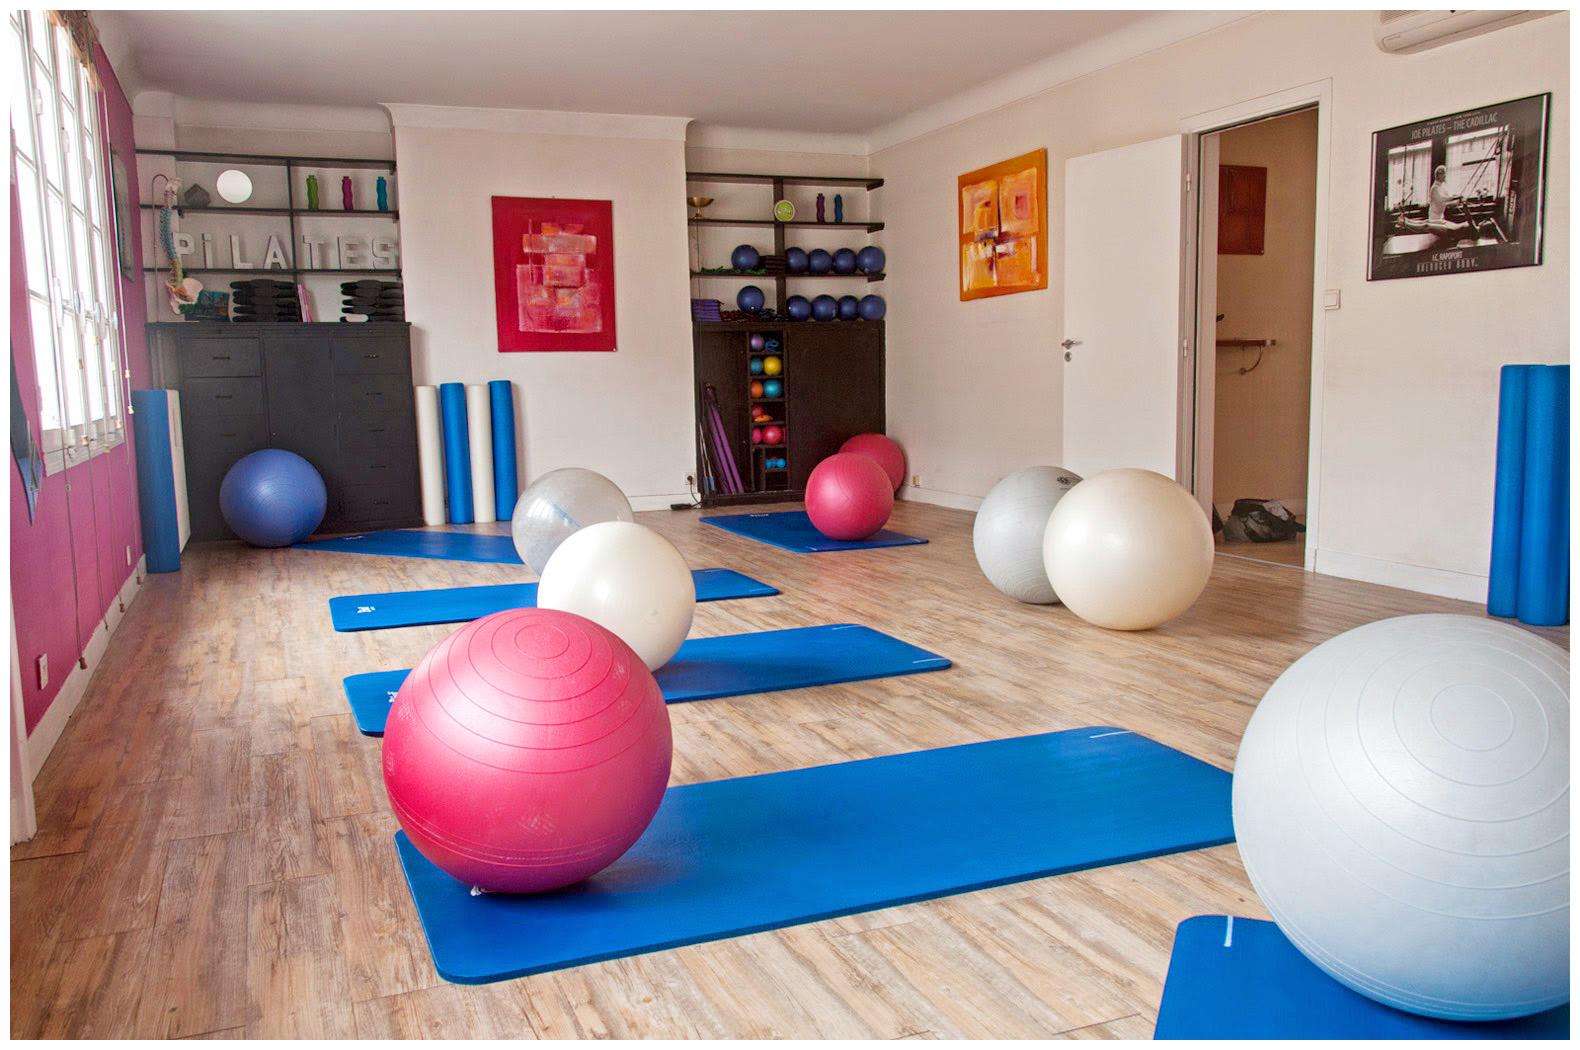 caen-pilates-studio-03